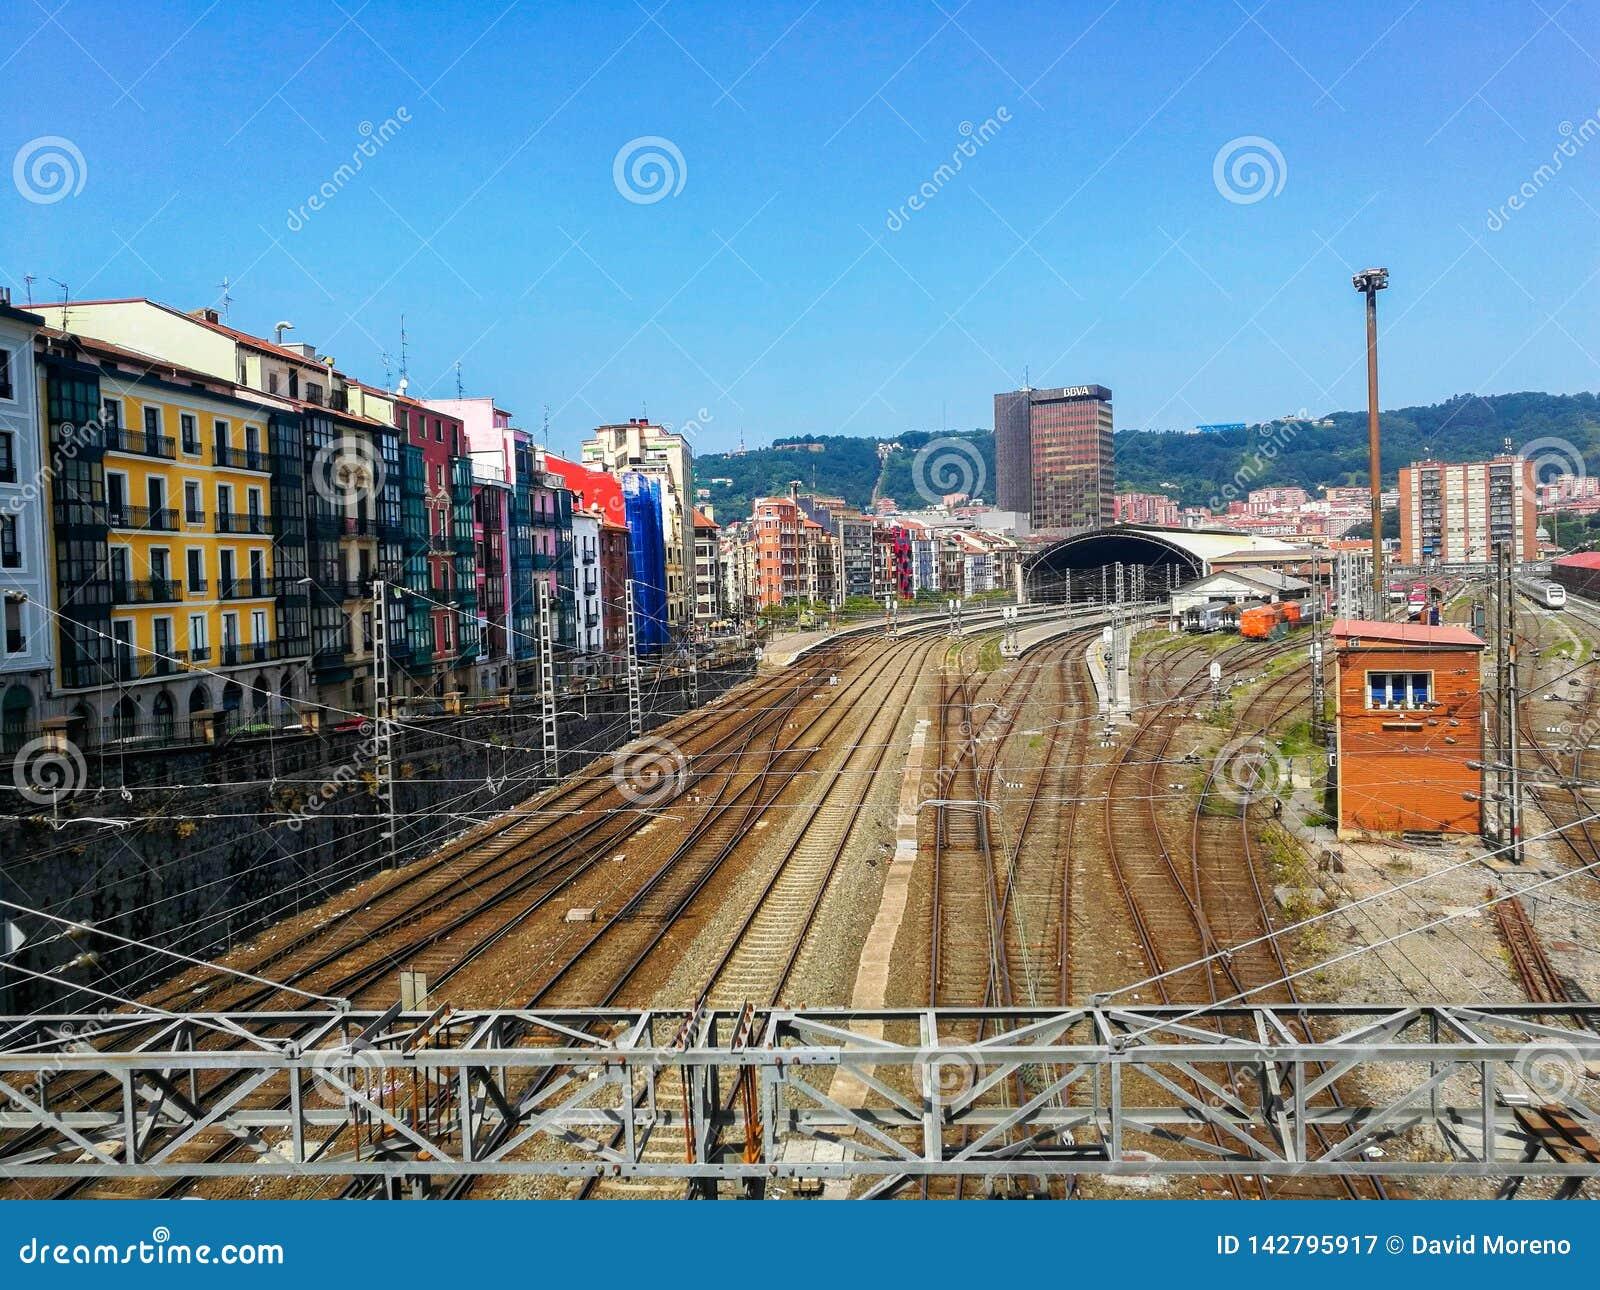 Vista aérea de la estación de Tran contra el paisaje urbano de Bilbao